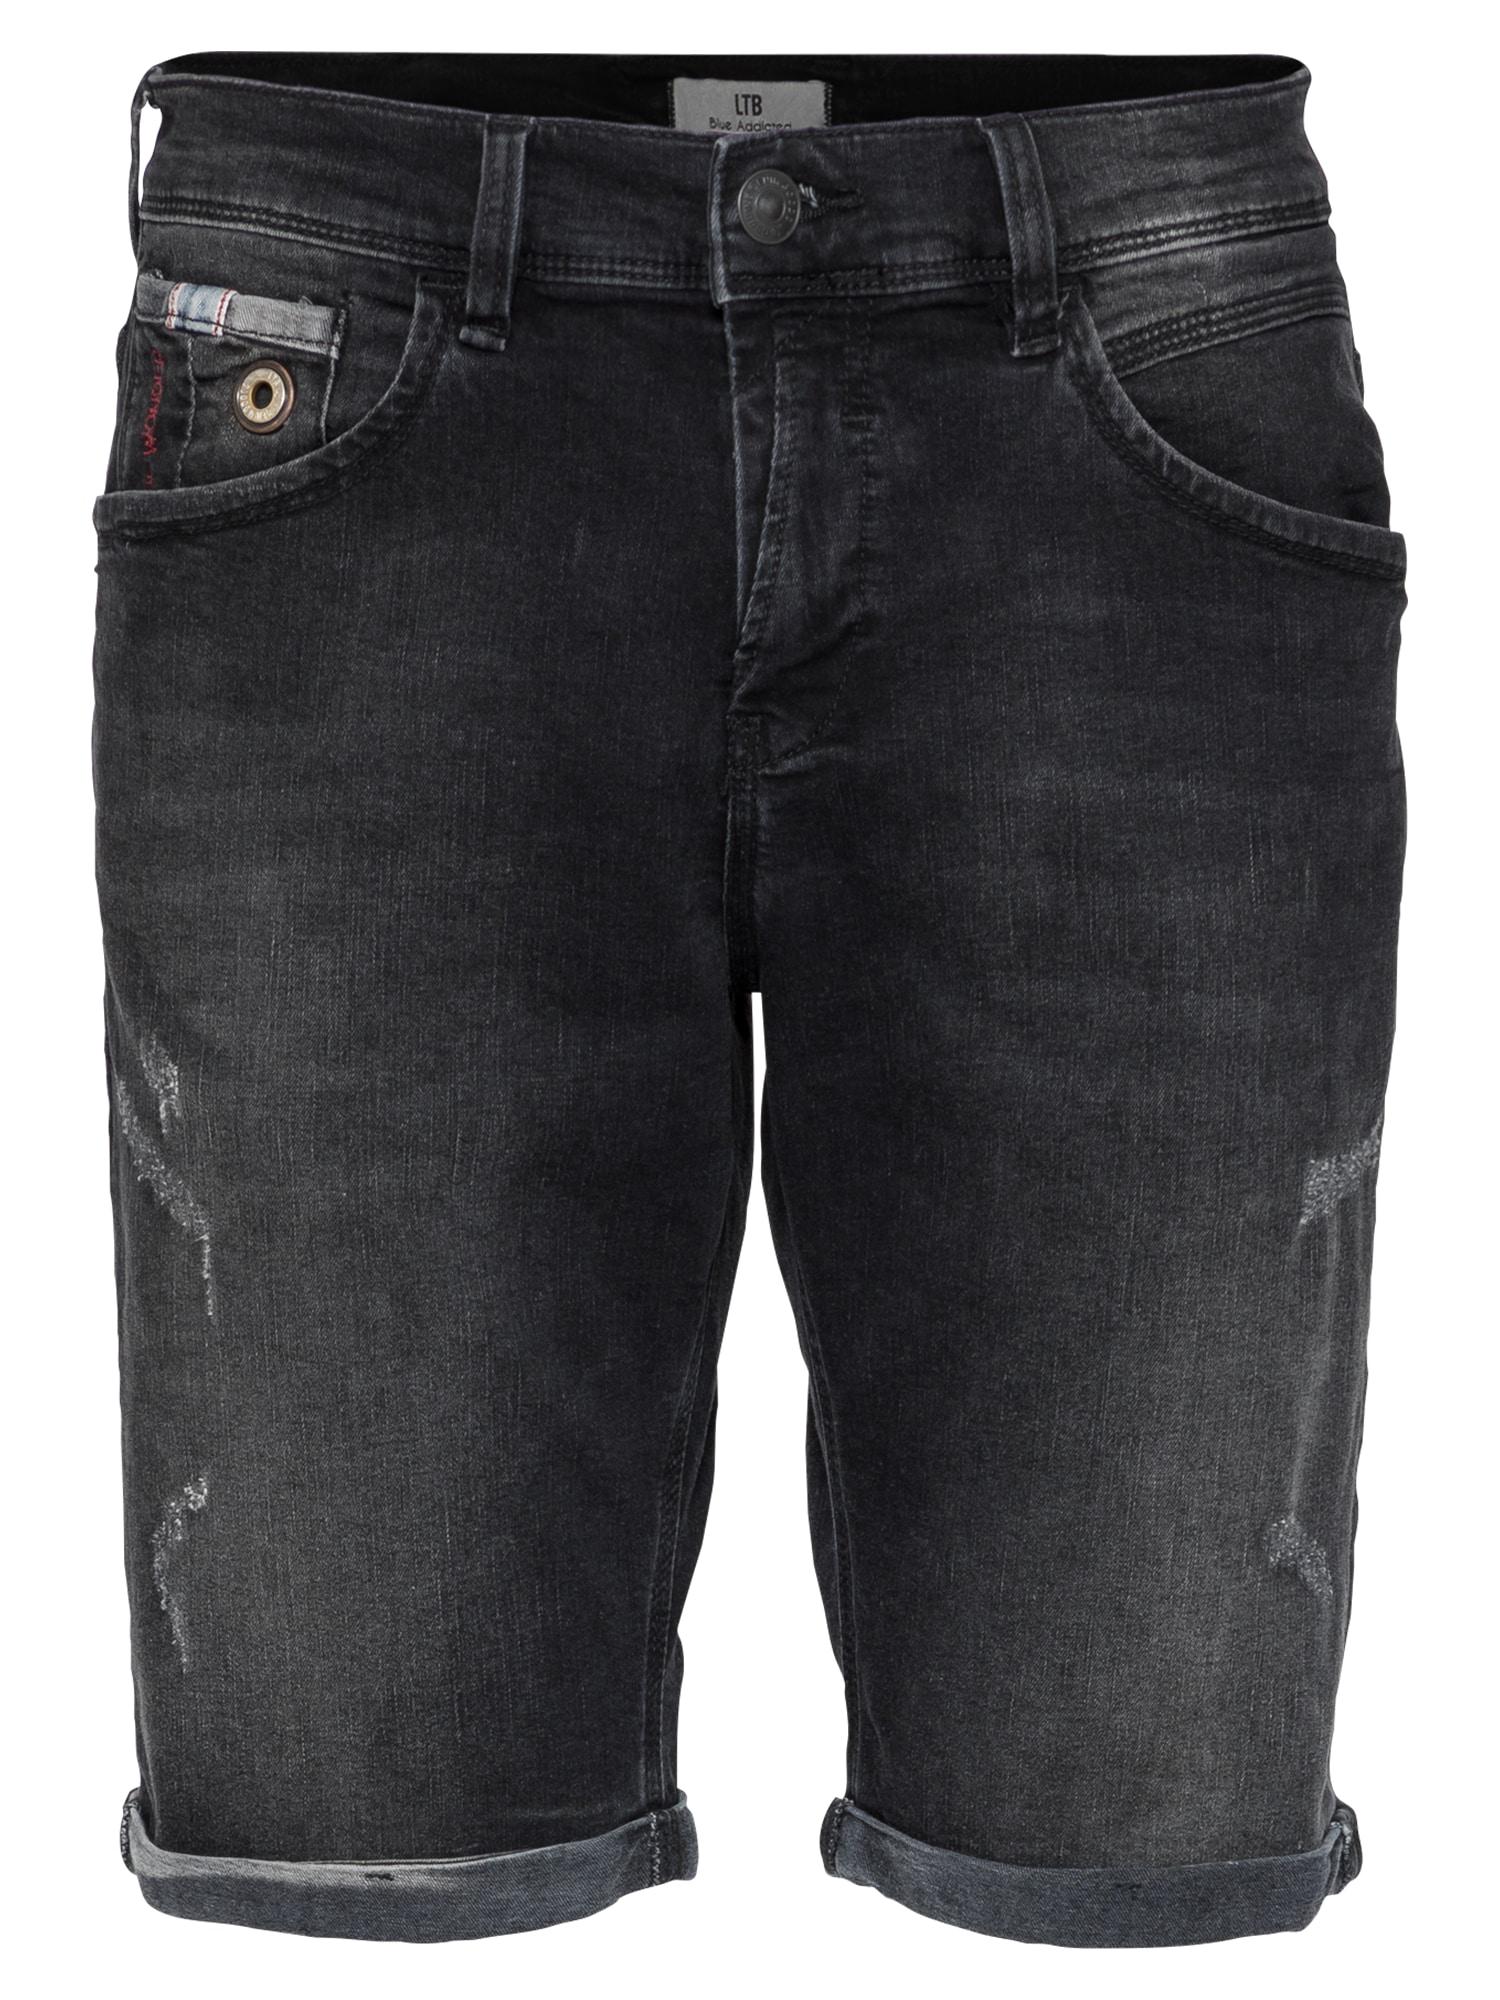 LTB Džinsai 'LANCE' juodo džinso spalva